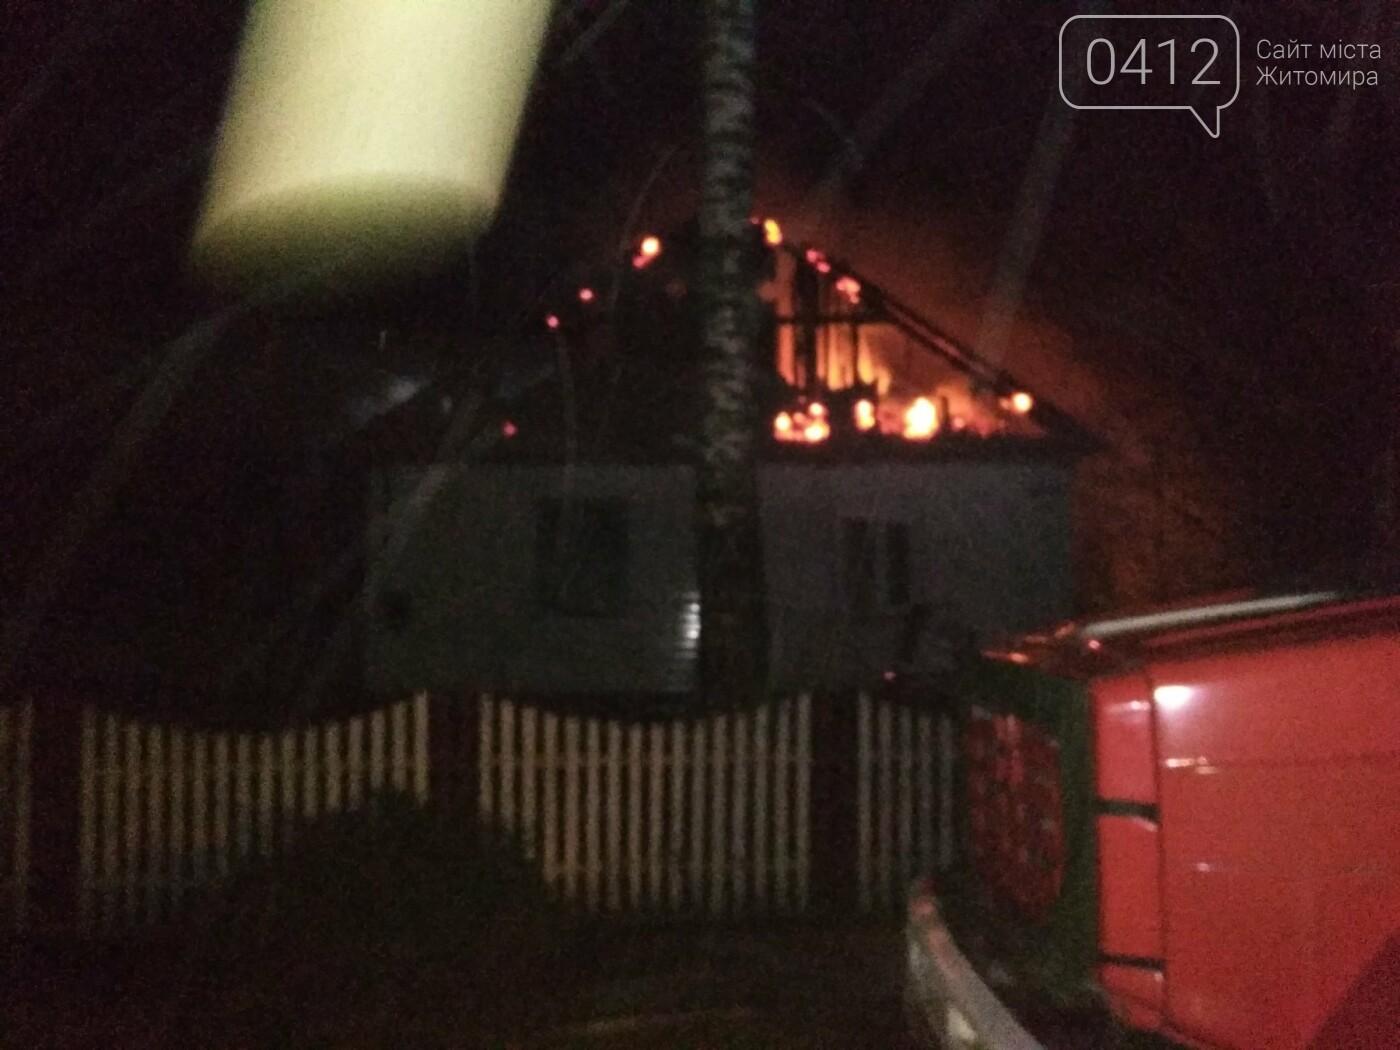 Рятувальники Житомирщини ліквідували три пожежі, фото-2